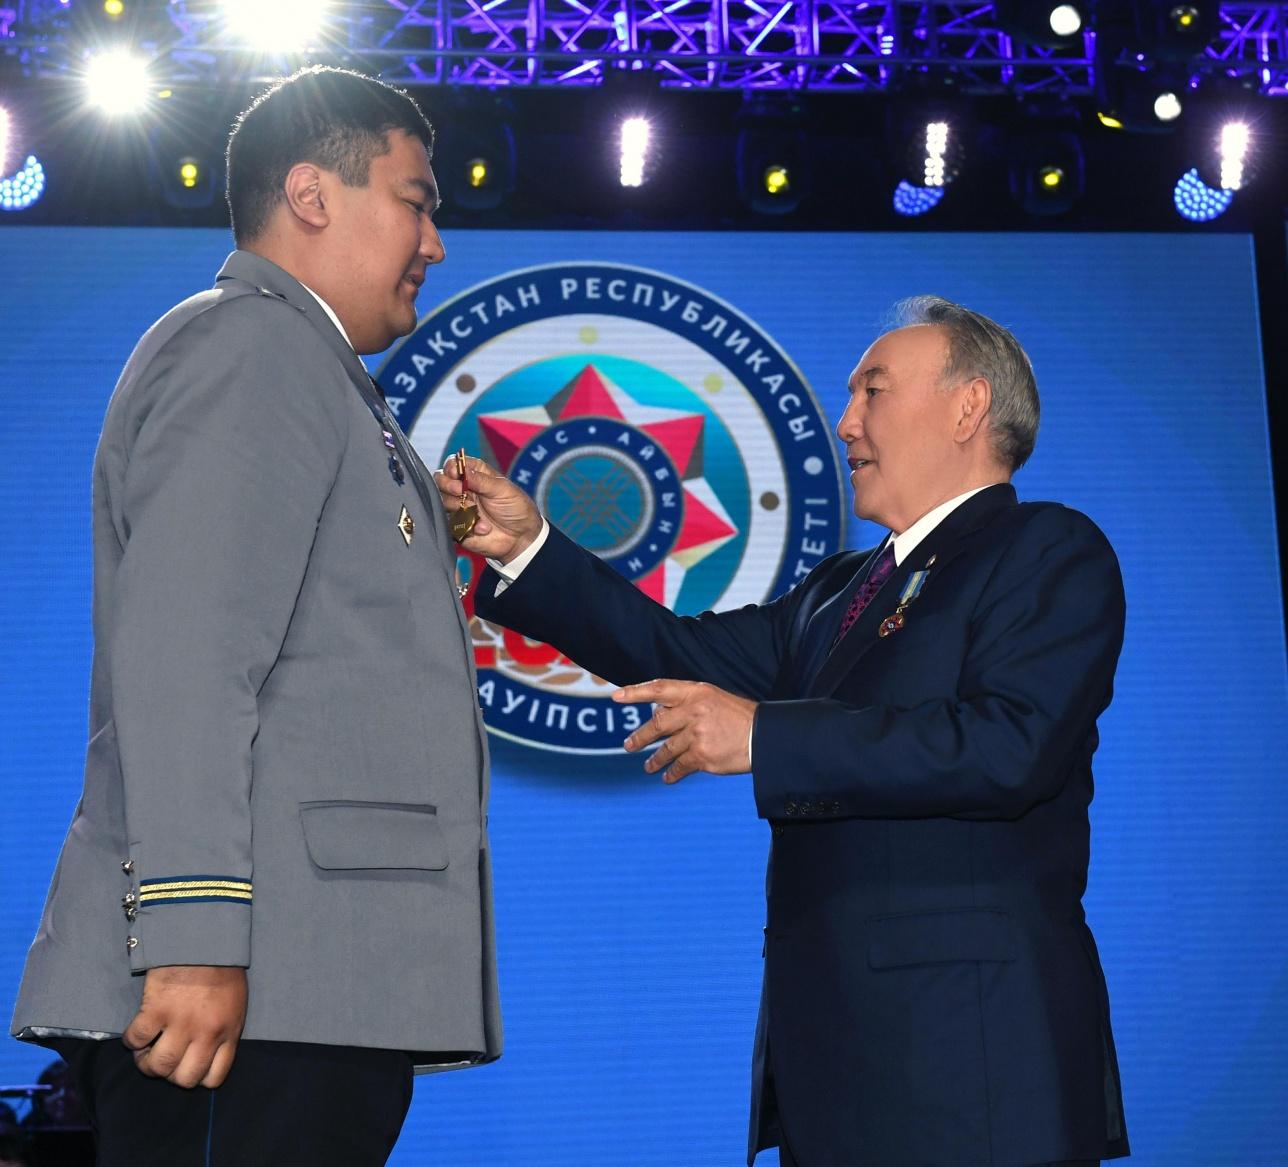 Глава государства вручает награду